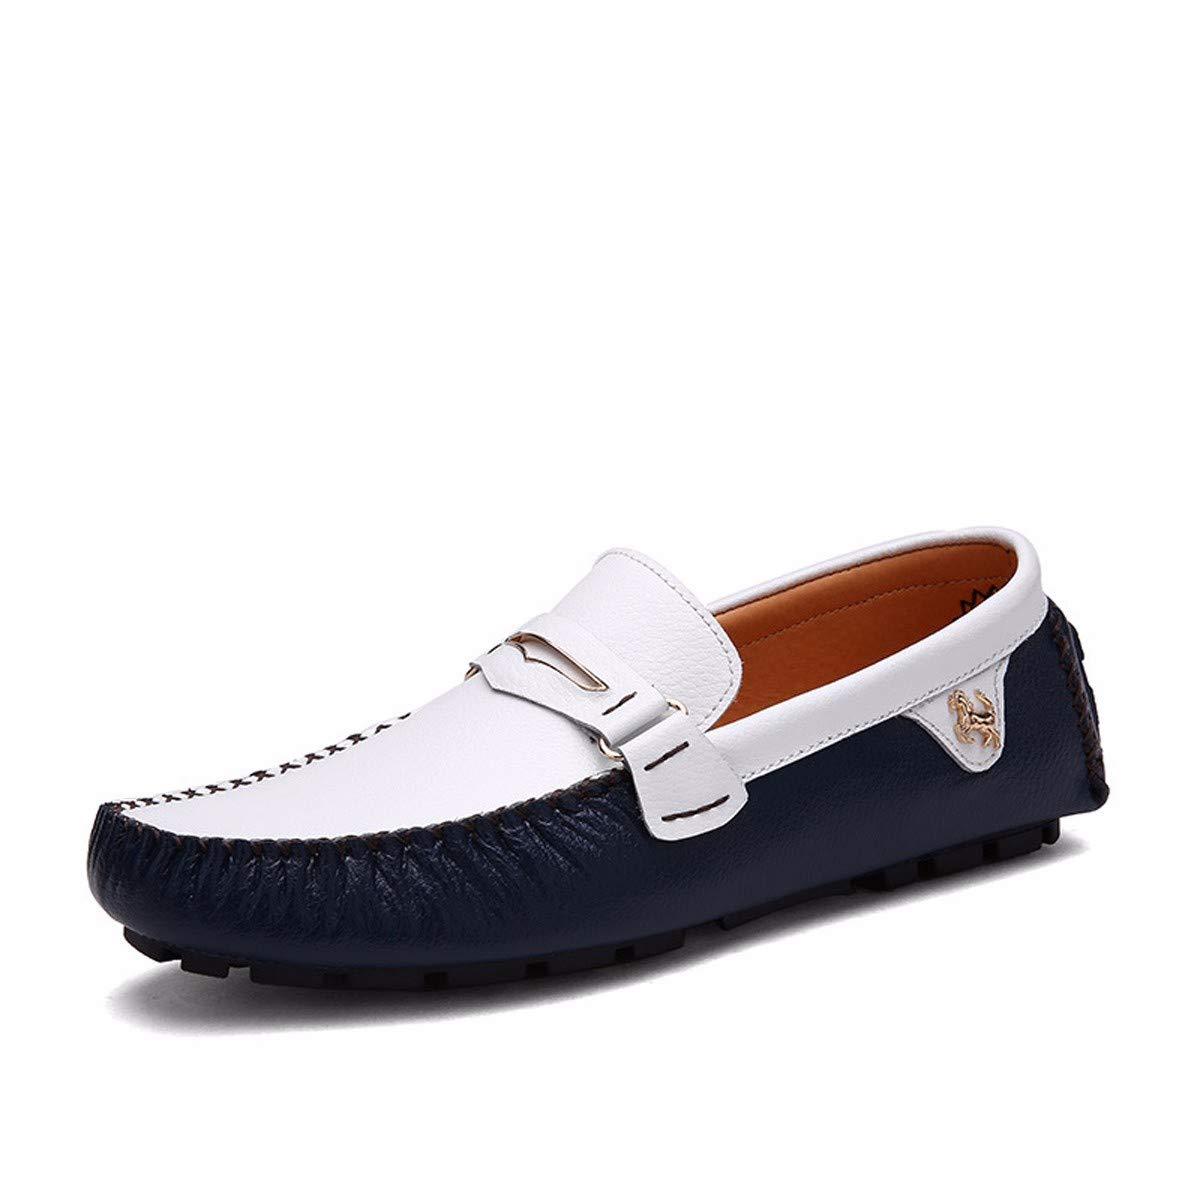 KMJBS-Im Sommer Fahren Männer Lederschuhe Schuhe Lässige Schuhe Leder Faule  Herrenchen.Blau 38